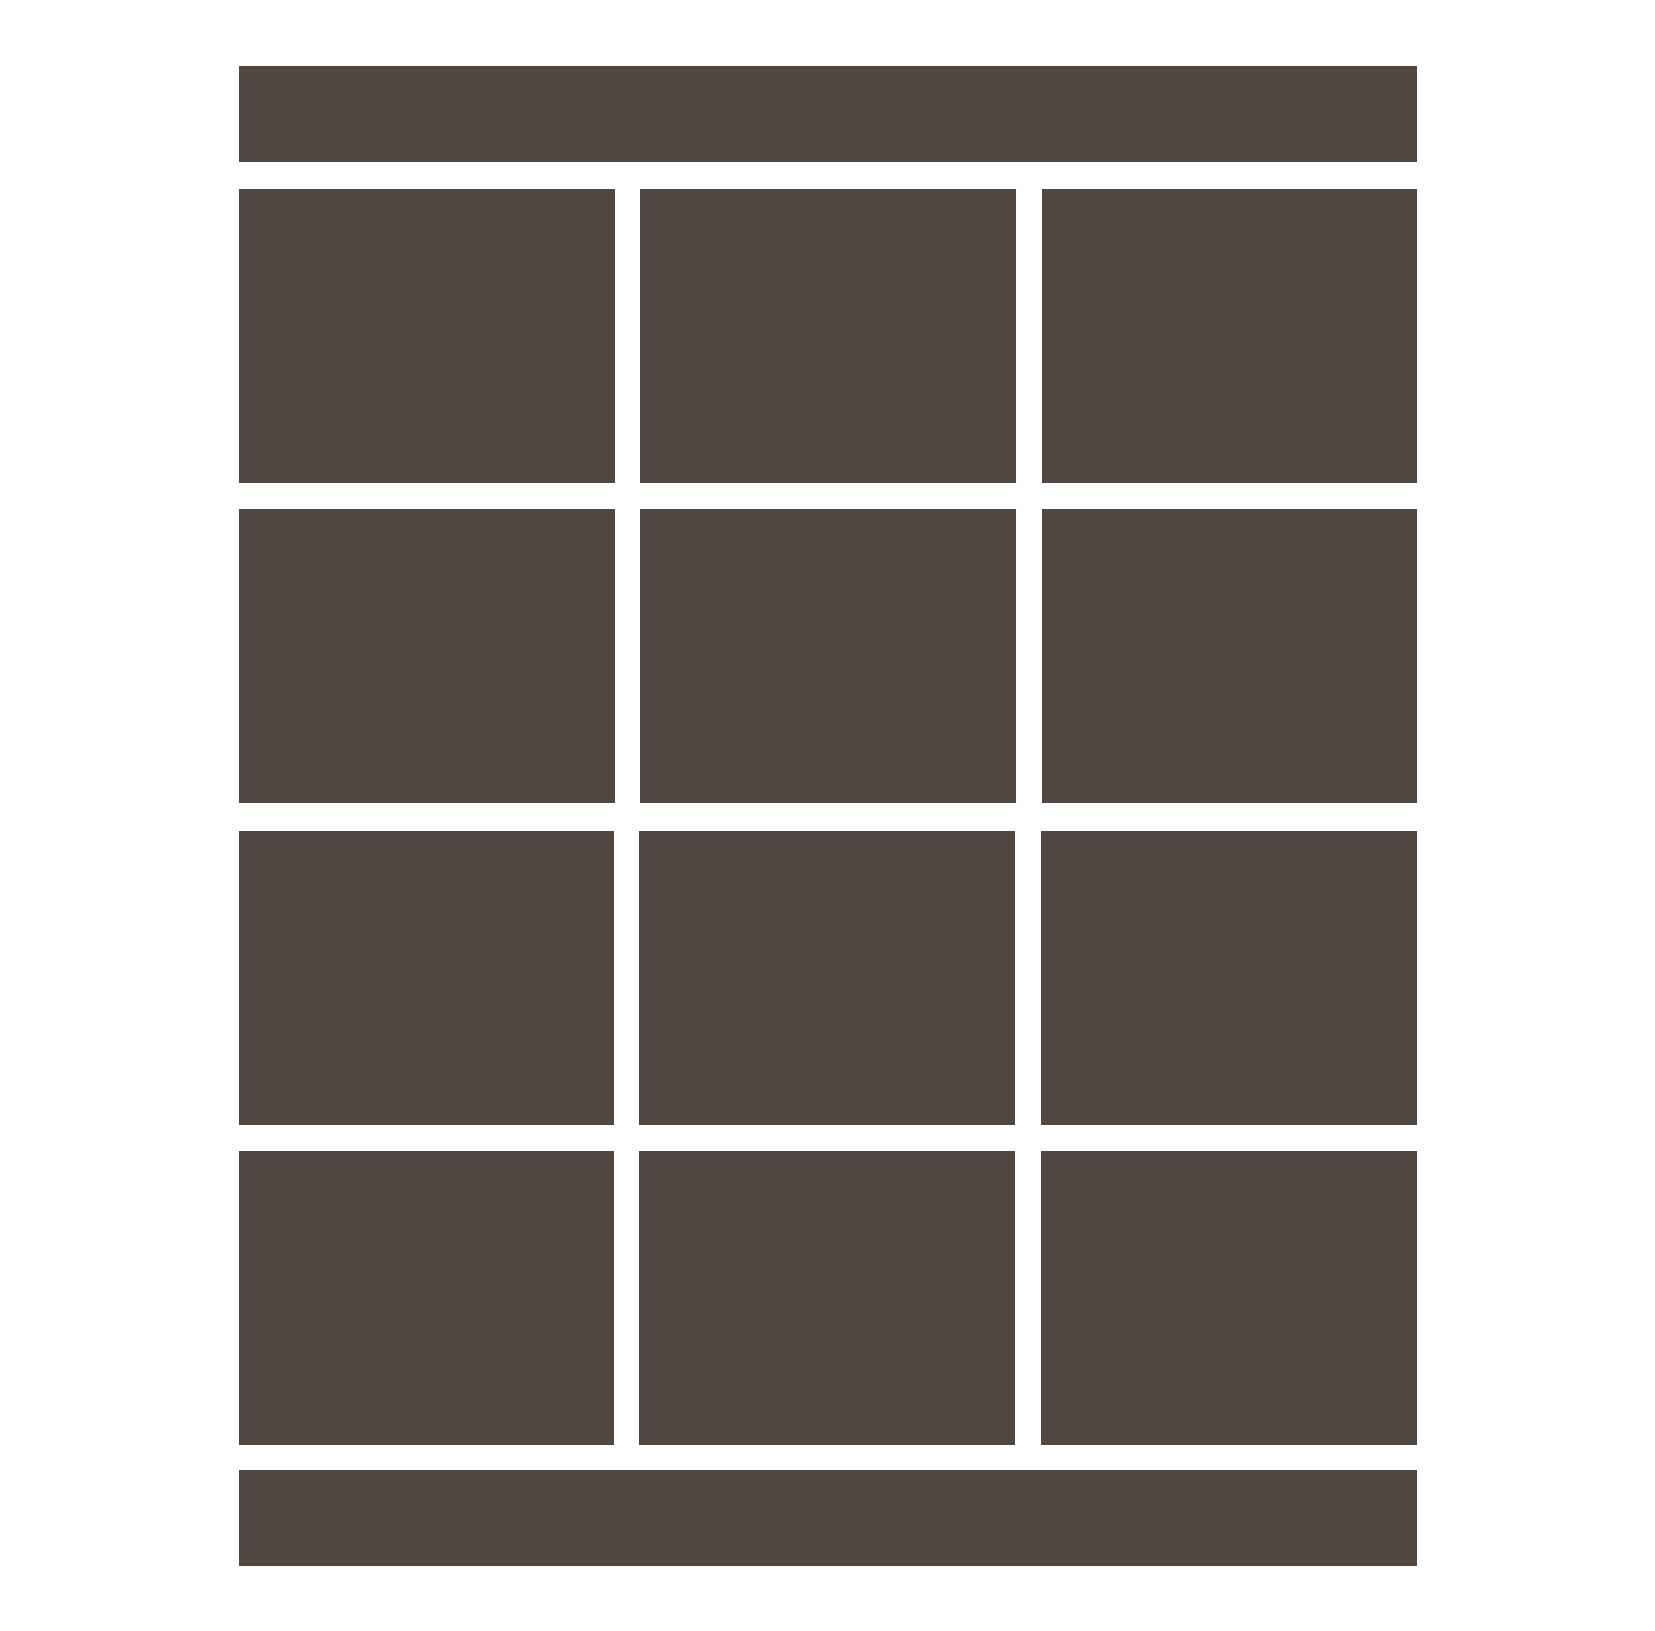 content-hub-layout-komplex